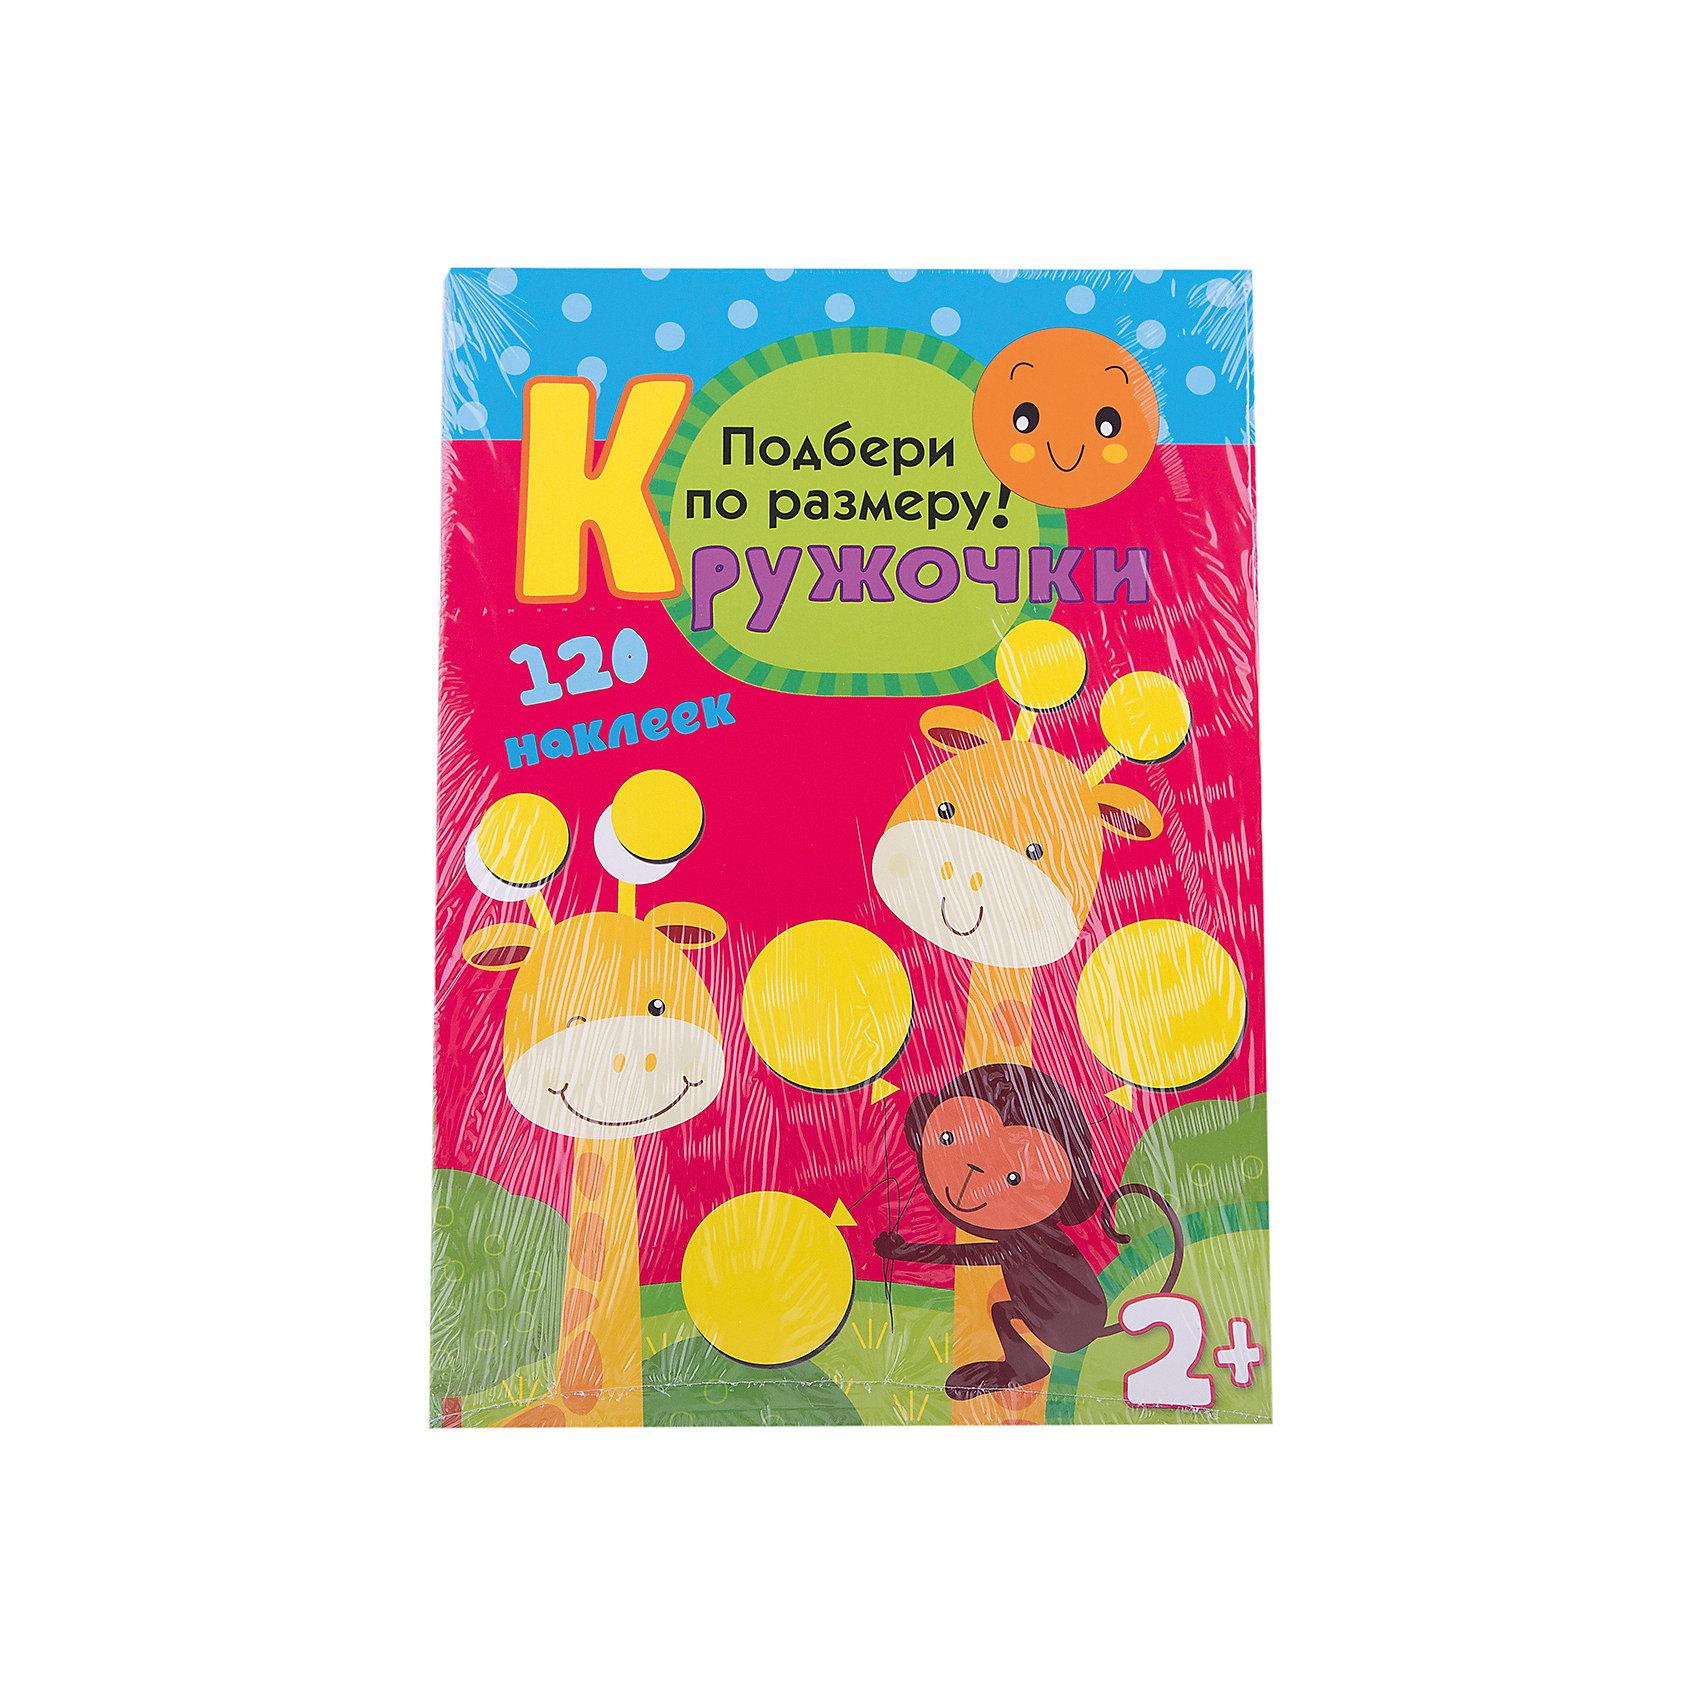 Развивающая книга с наклейками Кружочки. Подбери по размеру!Развивающая книга с наклейками Кружочки. Подбери по размеру! – эта книга научит малыша определять размеры и закрепит знание цветов.<br>В этой весёлой книжке ребёнку предлагаются доступные развивающие задания: подобрать наклейки-кружочки по размеру и приклеить в нужное место. В этой книжке Вы найдёте наклейки для развития мелкой моторики, яркие иллюстрации и простые веселые стихи, интересные задания. Работа с наклейками – занятие не только увлекательное, но и полезное. Оно способствует развитию воображения, мелкой моторики рук, координации движения. Книга позволяет детям лучше узнать окружающий мир, способствует интеллектуальному развитию малыша.<br><br>Дополнительная информация:<br><br>- Редактор: Вилюнова В.<br>- Издательство: Мозаика-Синтез, 2013 г.<br>- Серия: Кружочки<br>- Тип обложки: мягкий переплет (крепление скрепкой или клеем)<br>- Оформление: с наклейками<br>- Иллюстрации: цветные<br>- Количество страниц: 16 (мелованная)<br>- Размер: 295x210x2 мм.<br>- Вес: 92 гр.<br><br>Развивающую книгу с наклейками Кружочки. Подбери по размеру! можно купить в нашем интернет-магазине.<br><br>Ширина мм: 295<br>Глубина мм: 210<br>Высота мм: 20<br>Вес г: 95<br>Возраст от месяцев: 24<br>Возраст до месяцев: 48<br>Пол: Унисекс<br>Возраст: Детский<br>SKU: 4431889